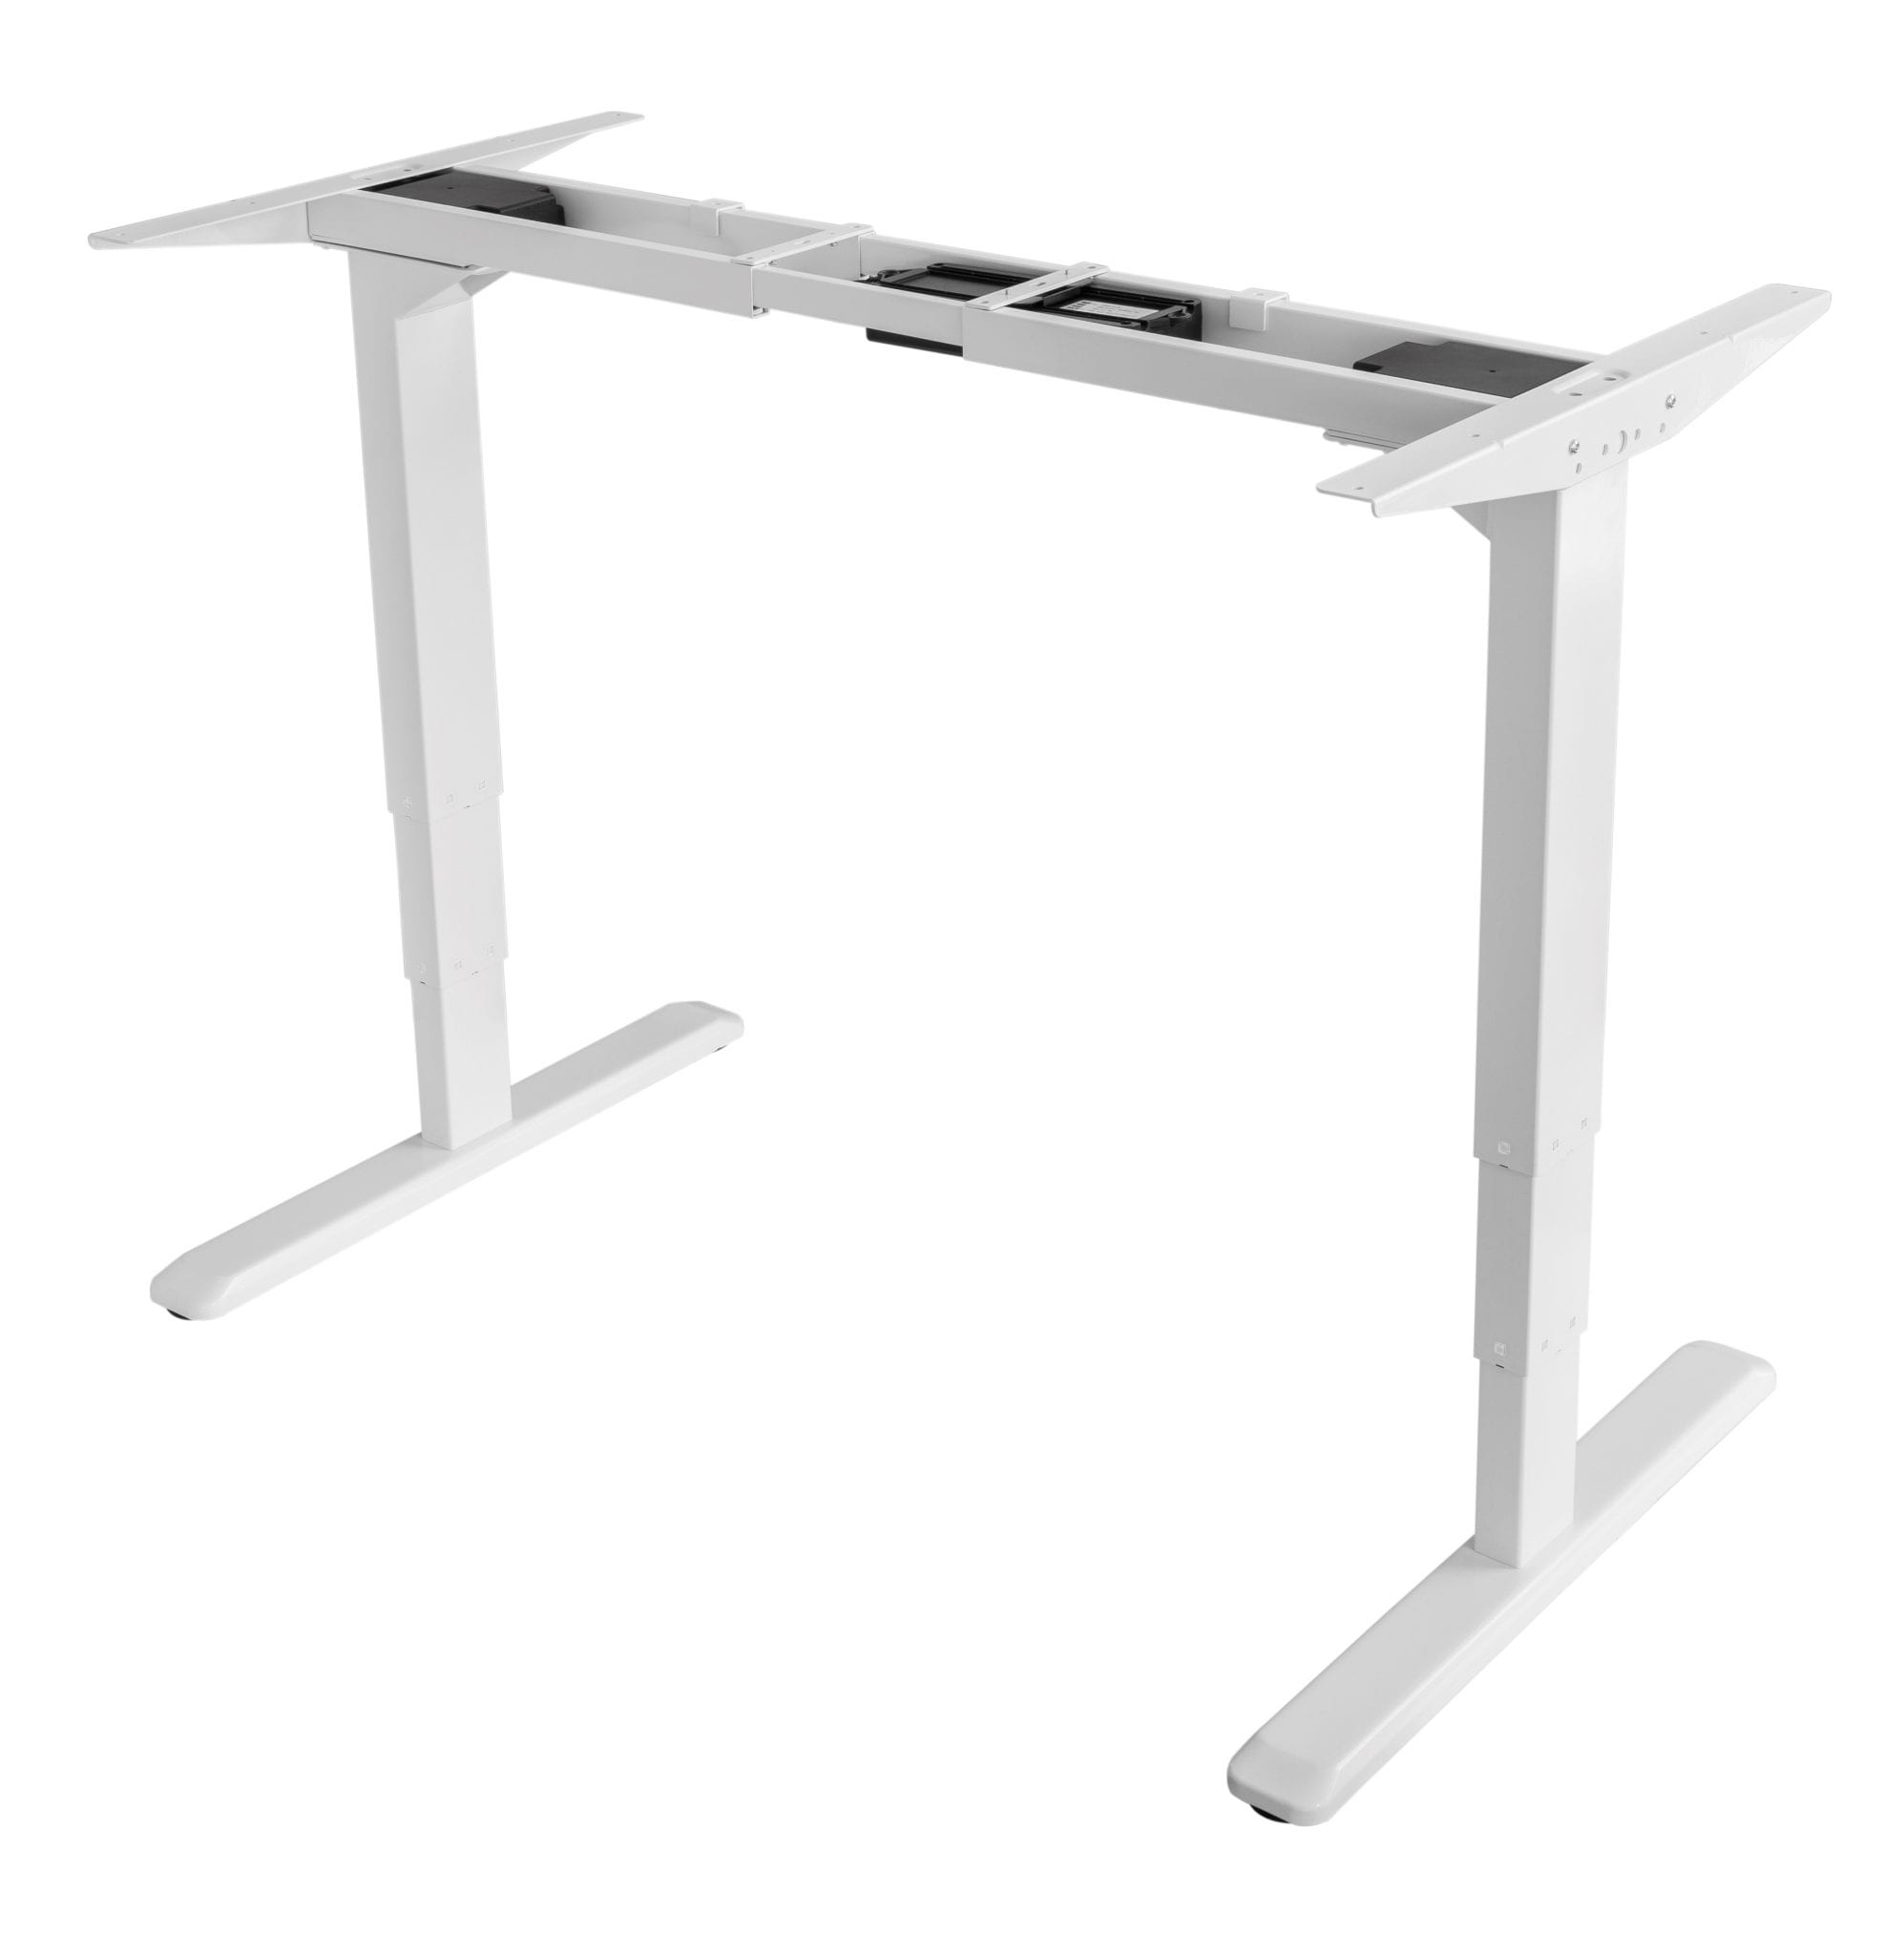 Allcam EDF02D Electric Height adjustable desk frame